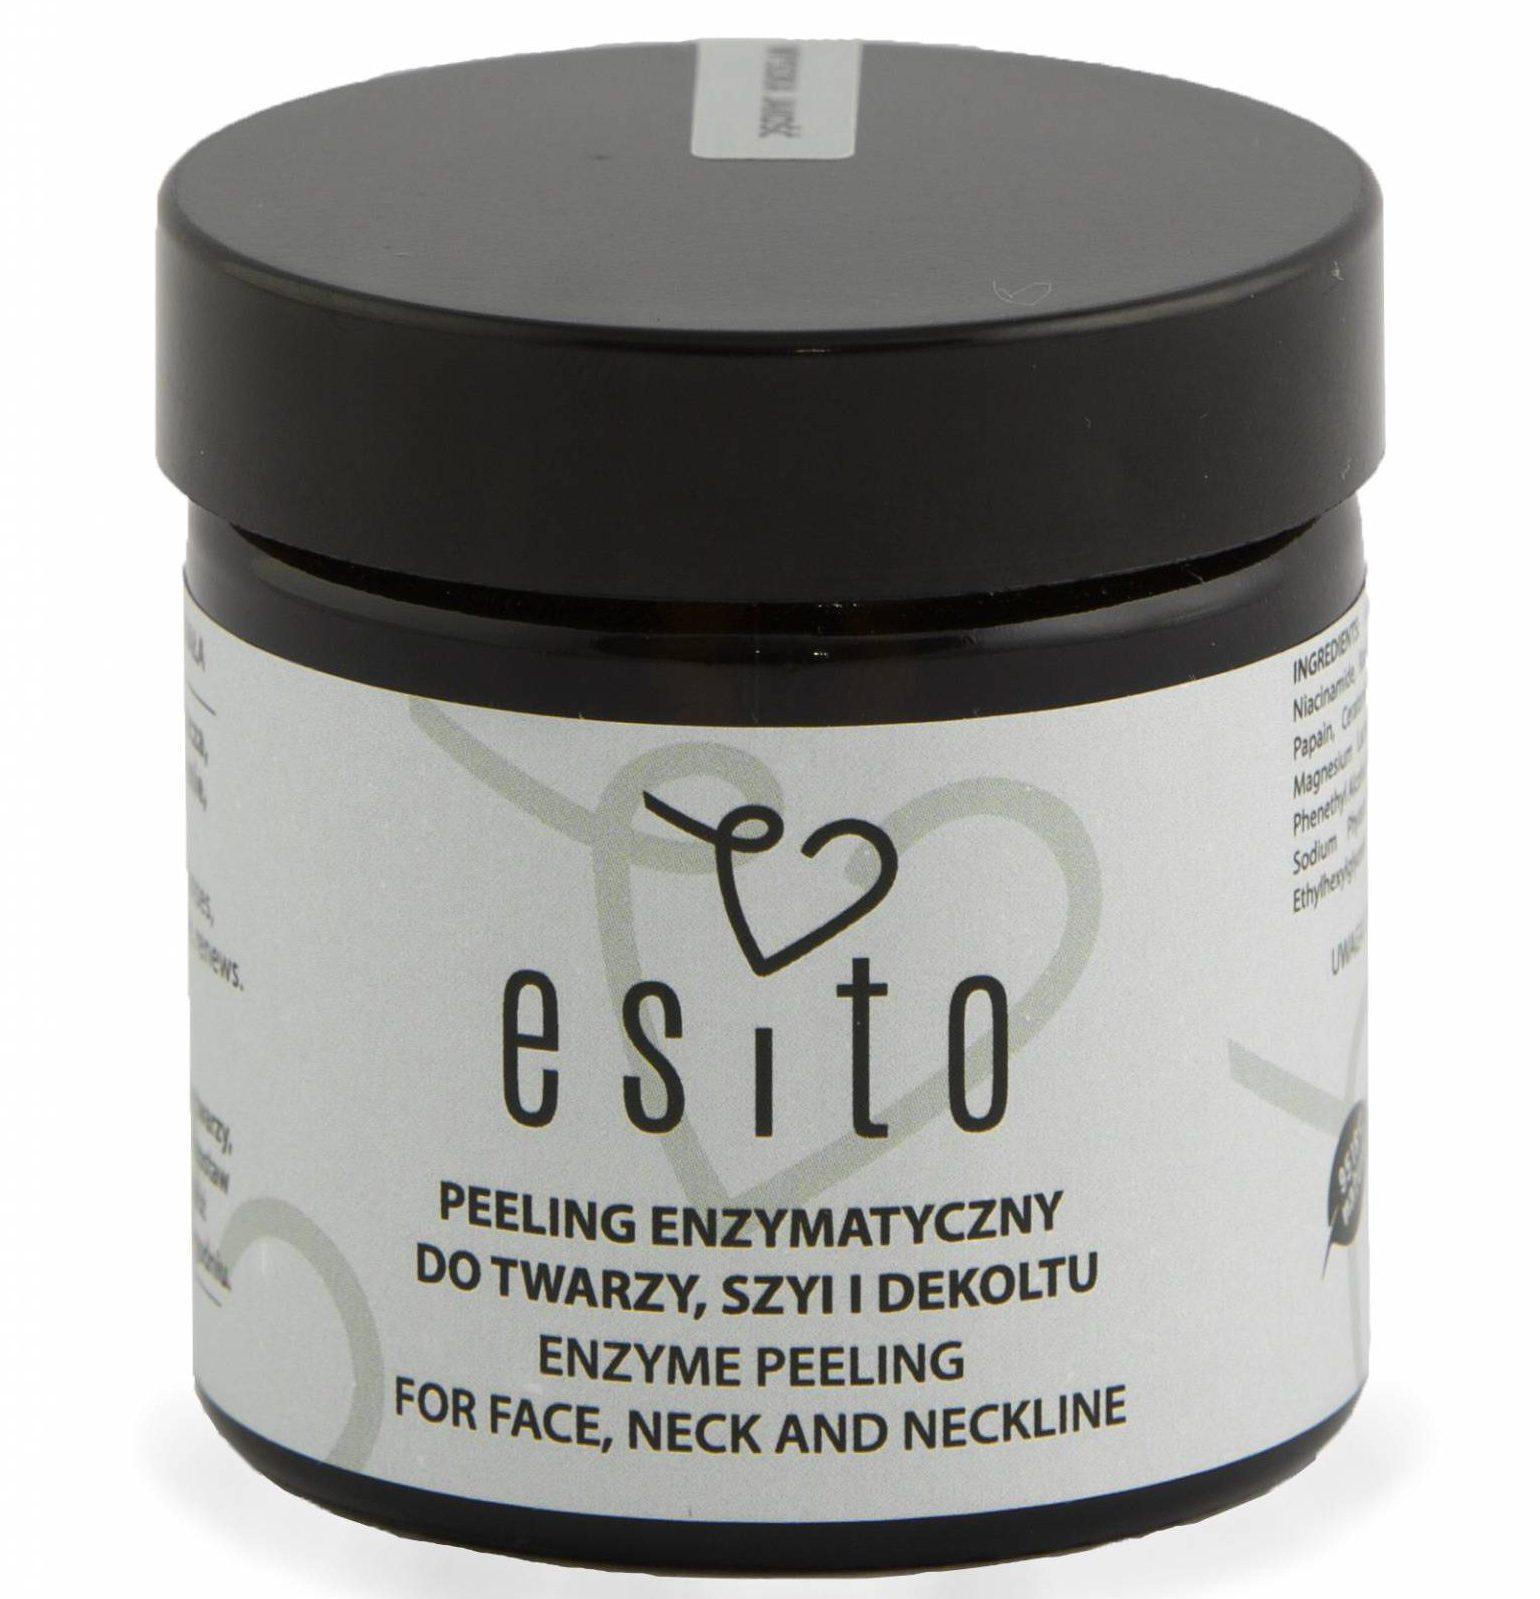 Jak oczyścić skórę twarzy i pozbyć się toksyn z cery?